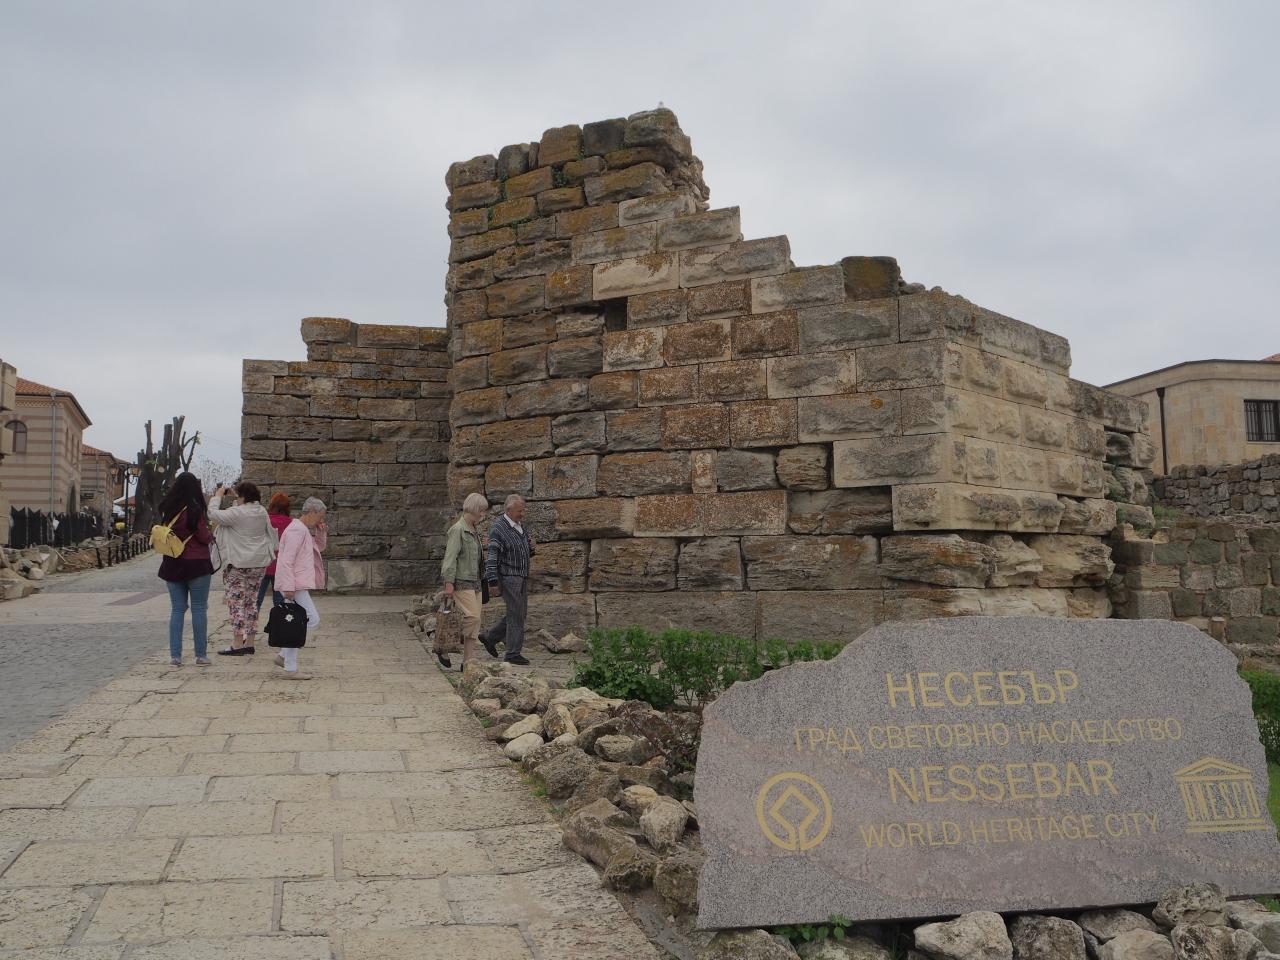 古代都市ネセバル写真・画像